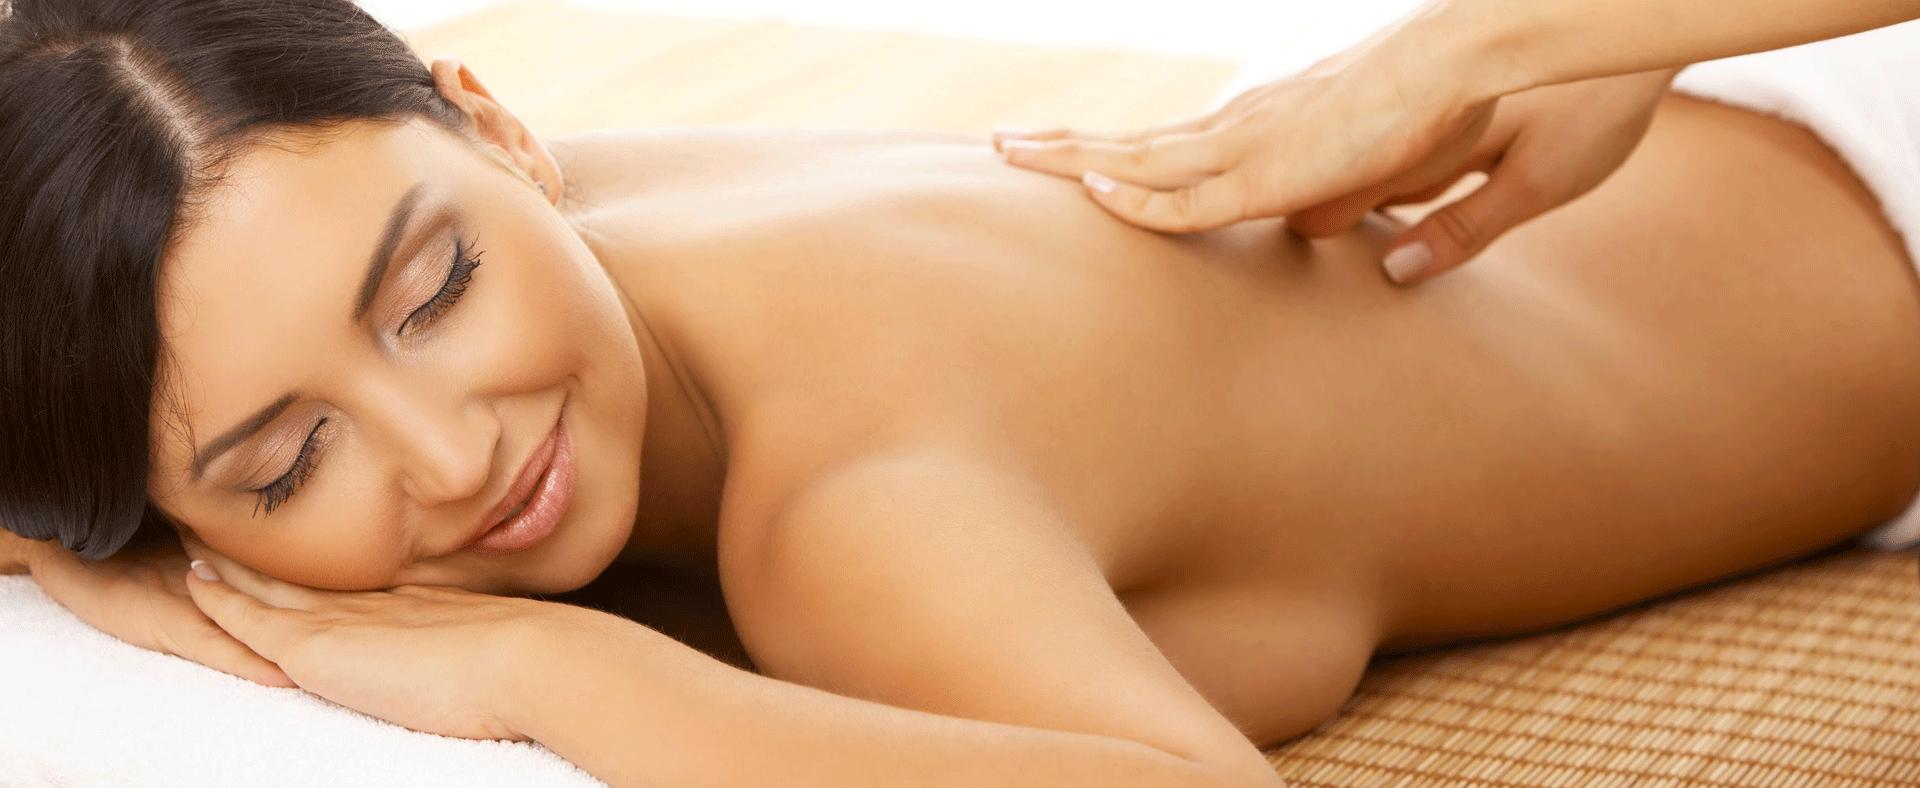 Scuola di massaggi messina sicilia